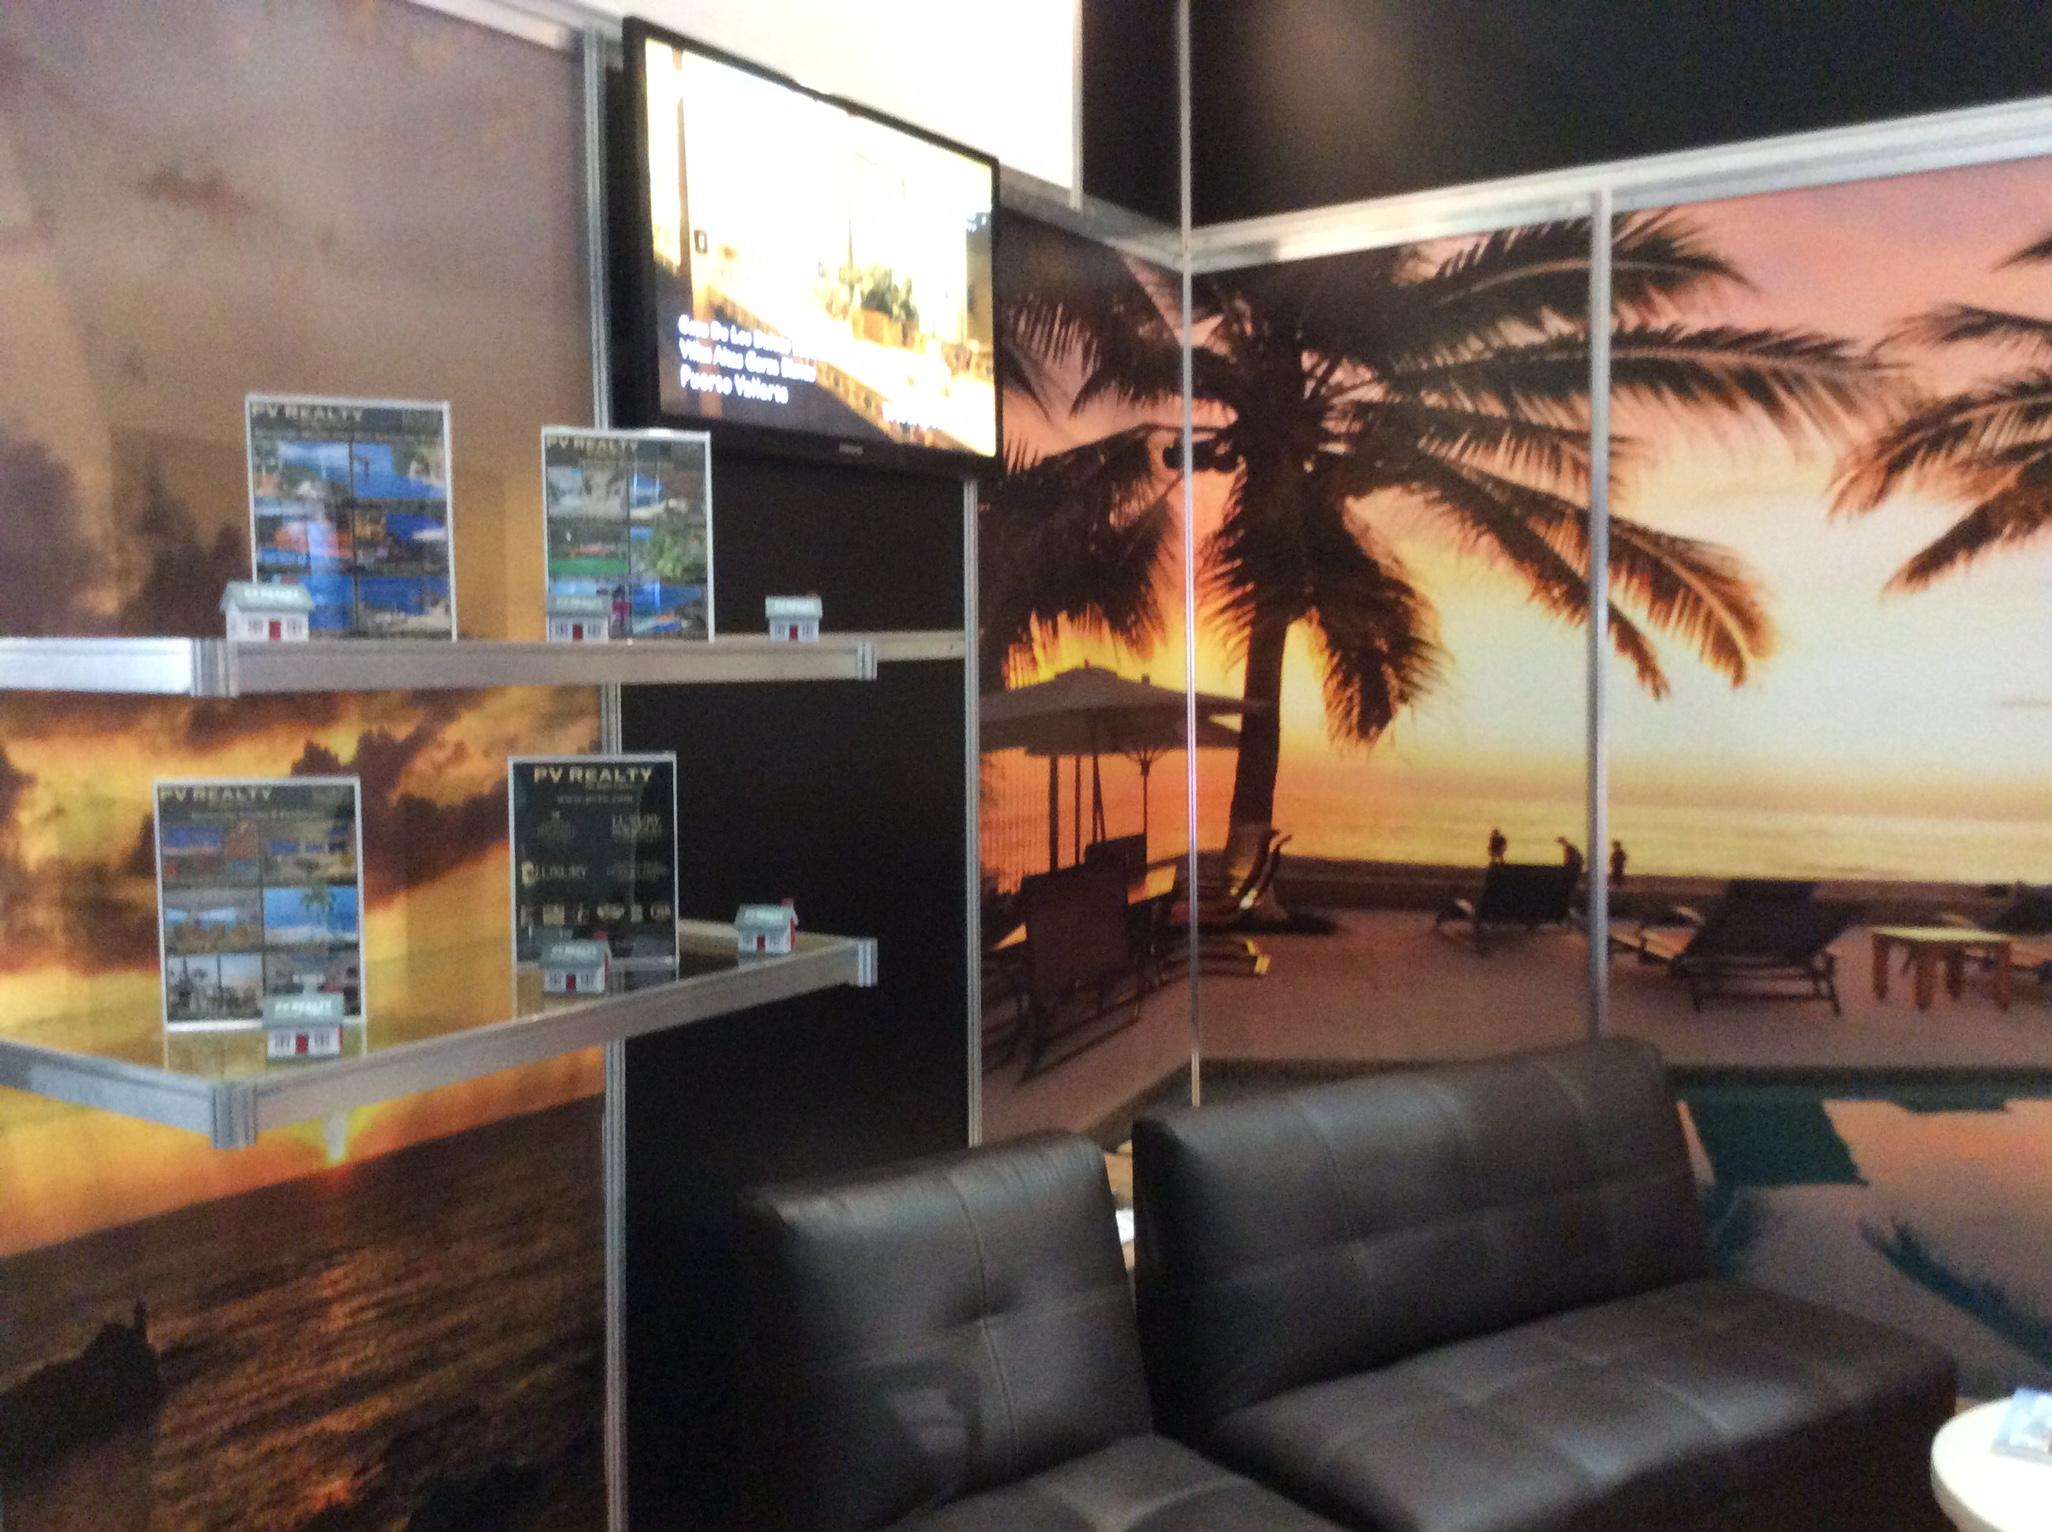 Expo SIME 2015 expo sime 2015 EXPO SIME 2015 IMG 2322